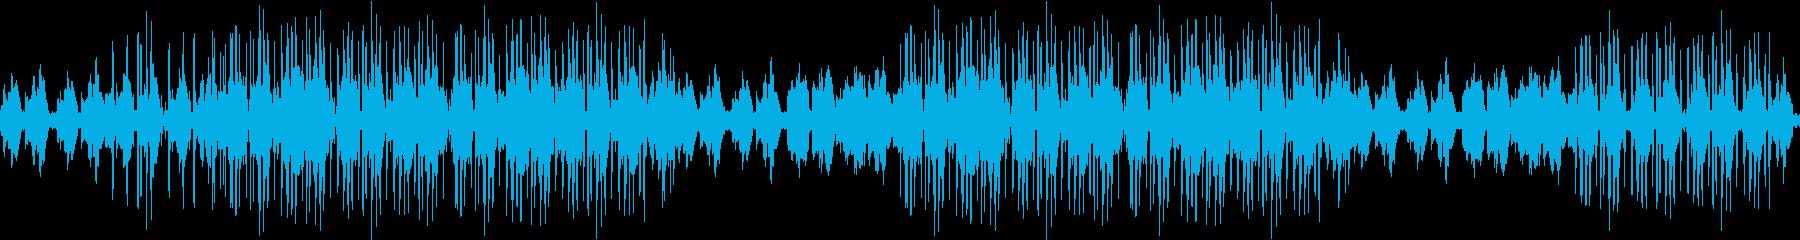 ピアノ・お洒落・センチ・ループ・綺麗の再生済みの波形